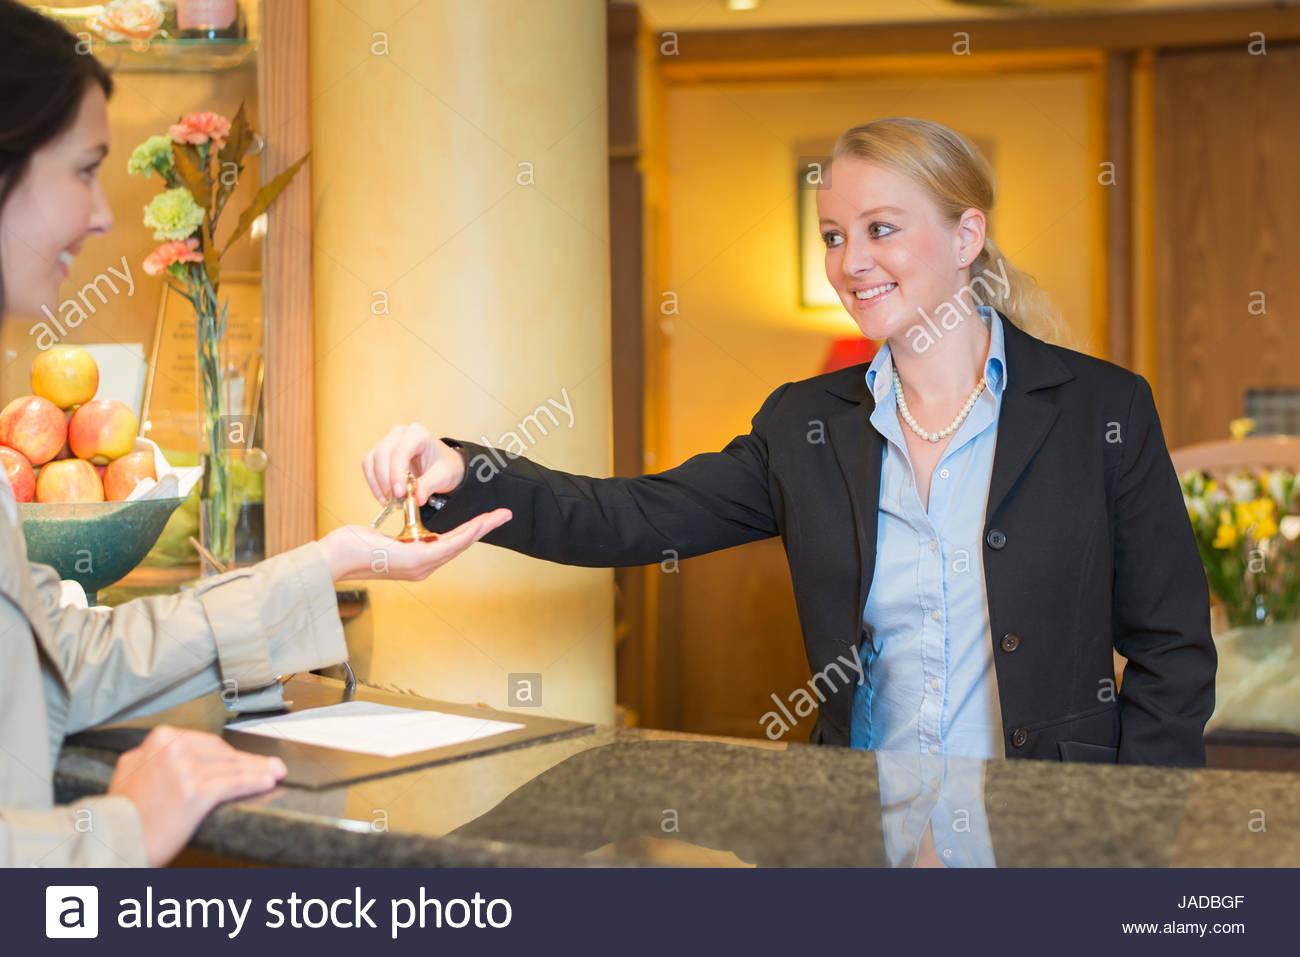 Cet hôtel réceptionniste souriant debout derrière le bureau